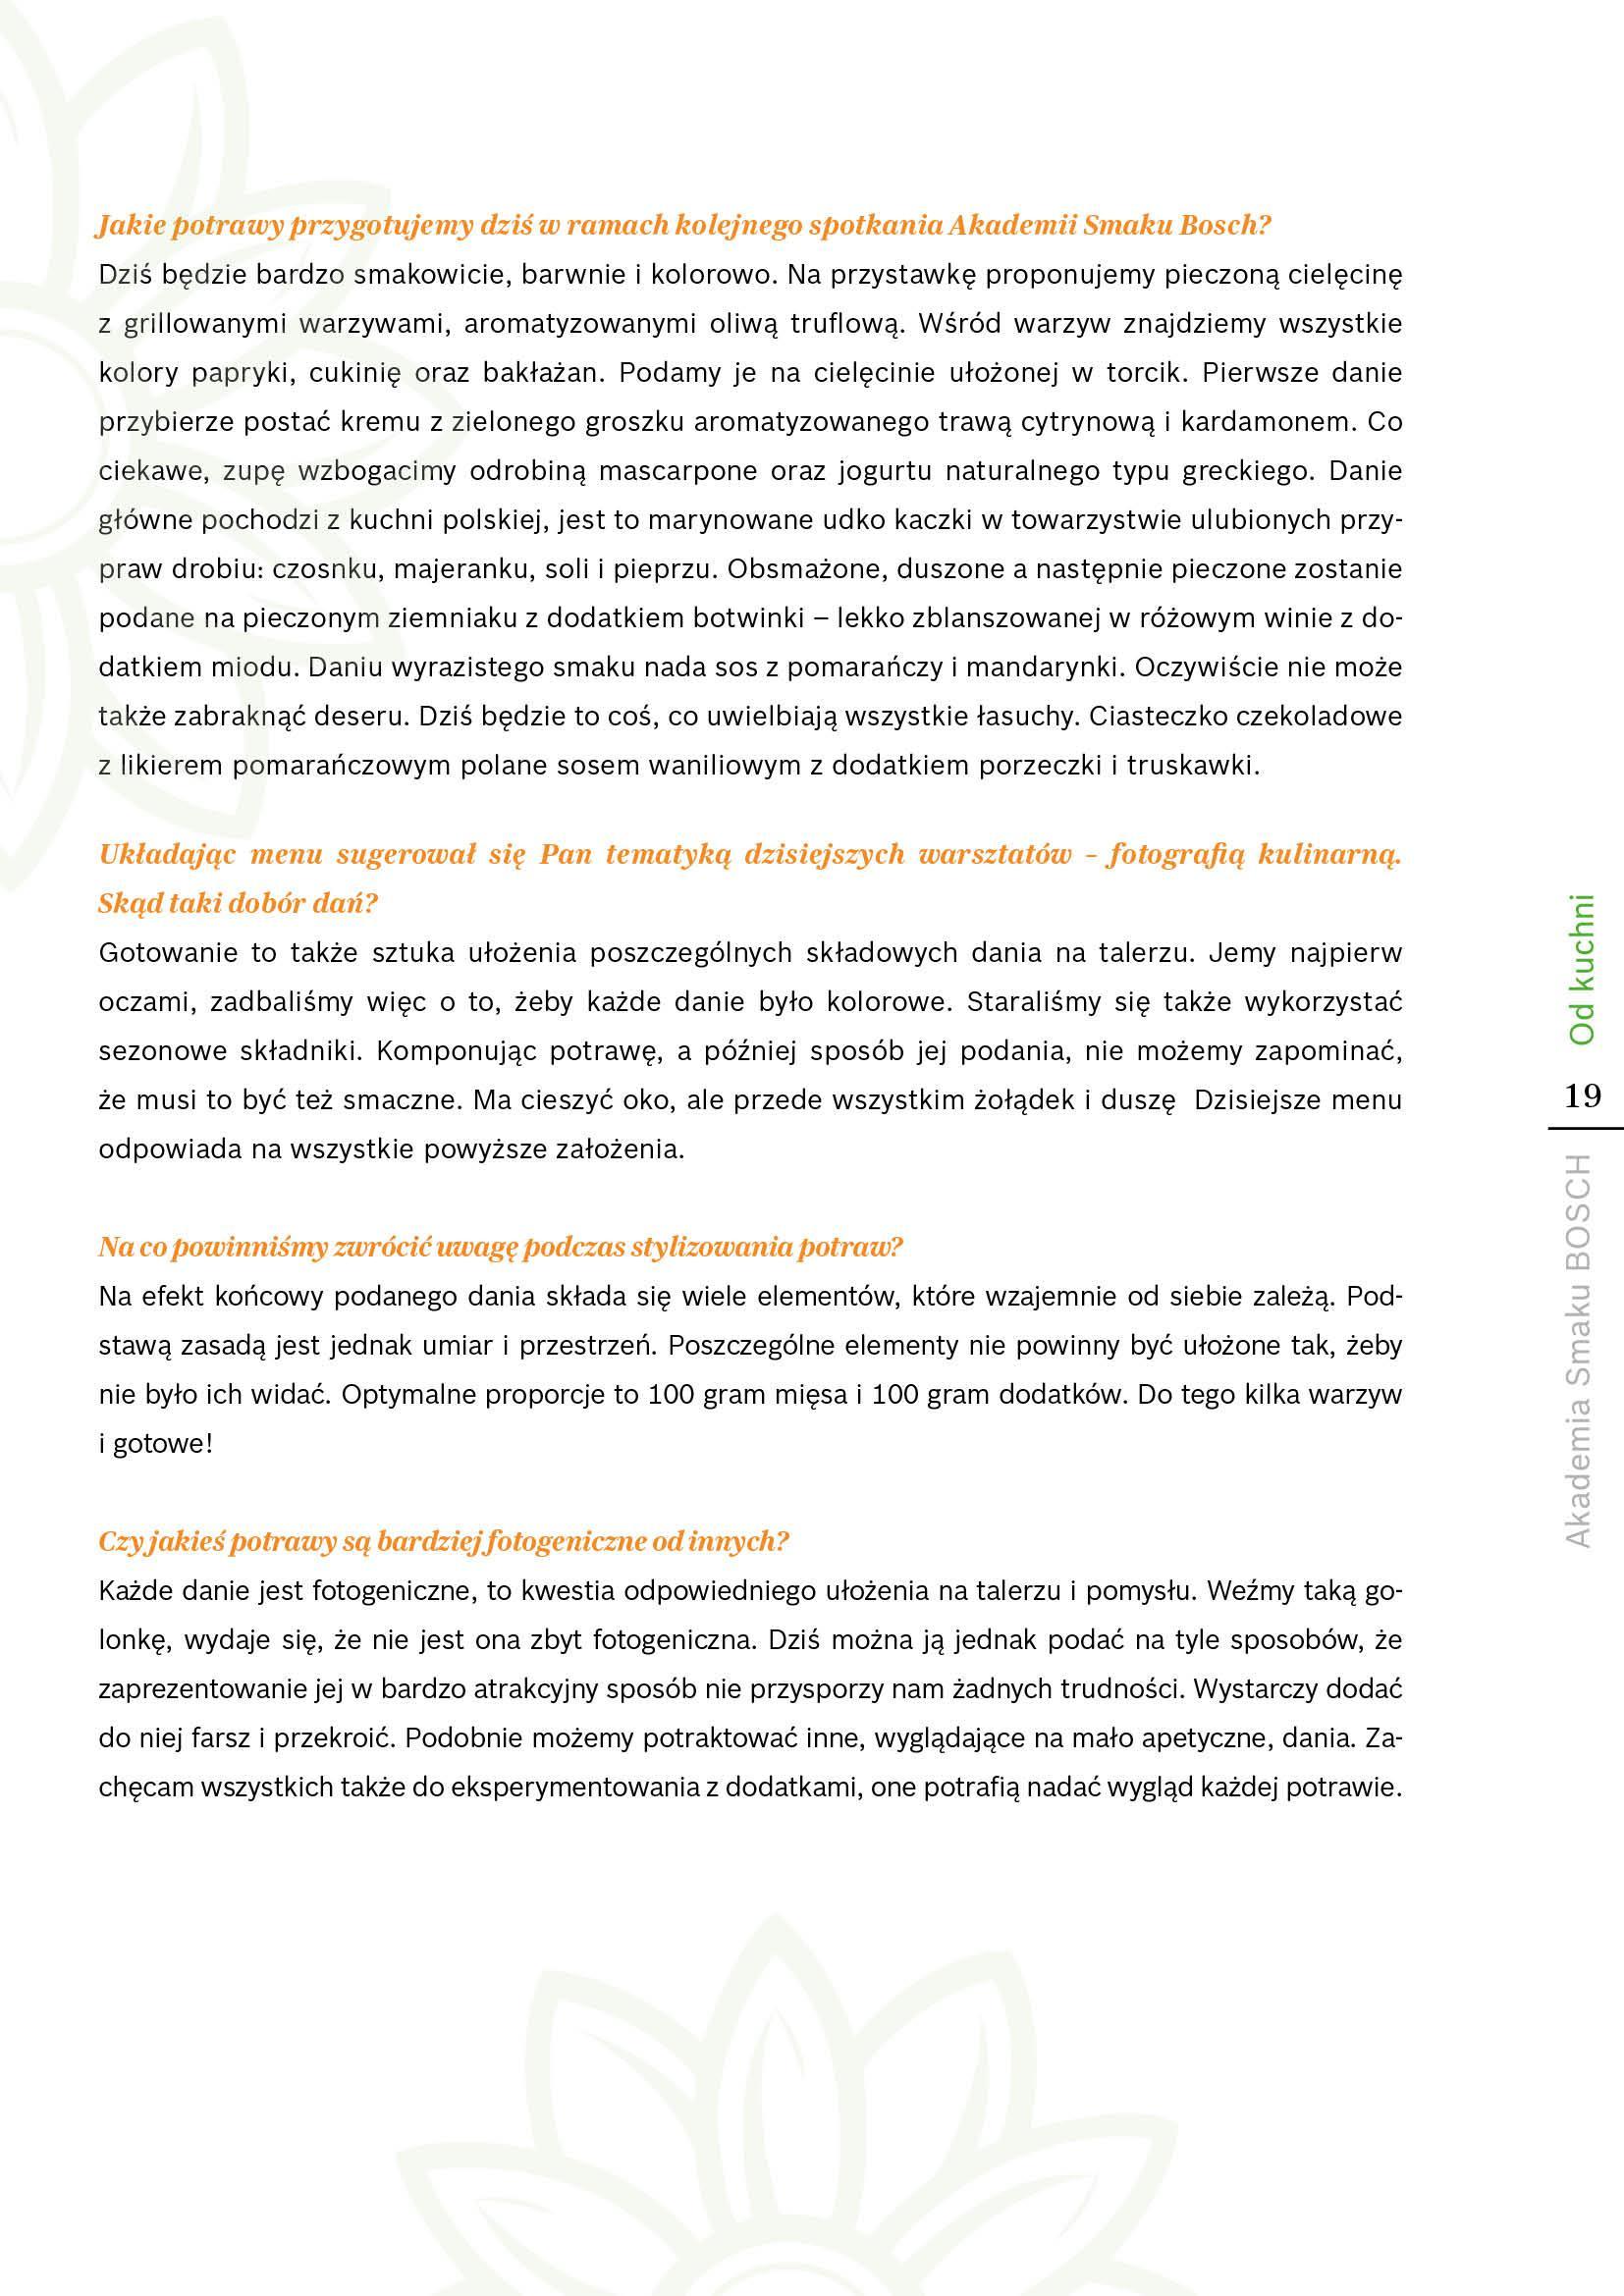 Fotowarsztaty: uczta dla oczu - Strona 19